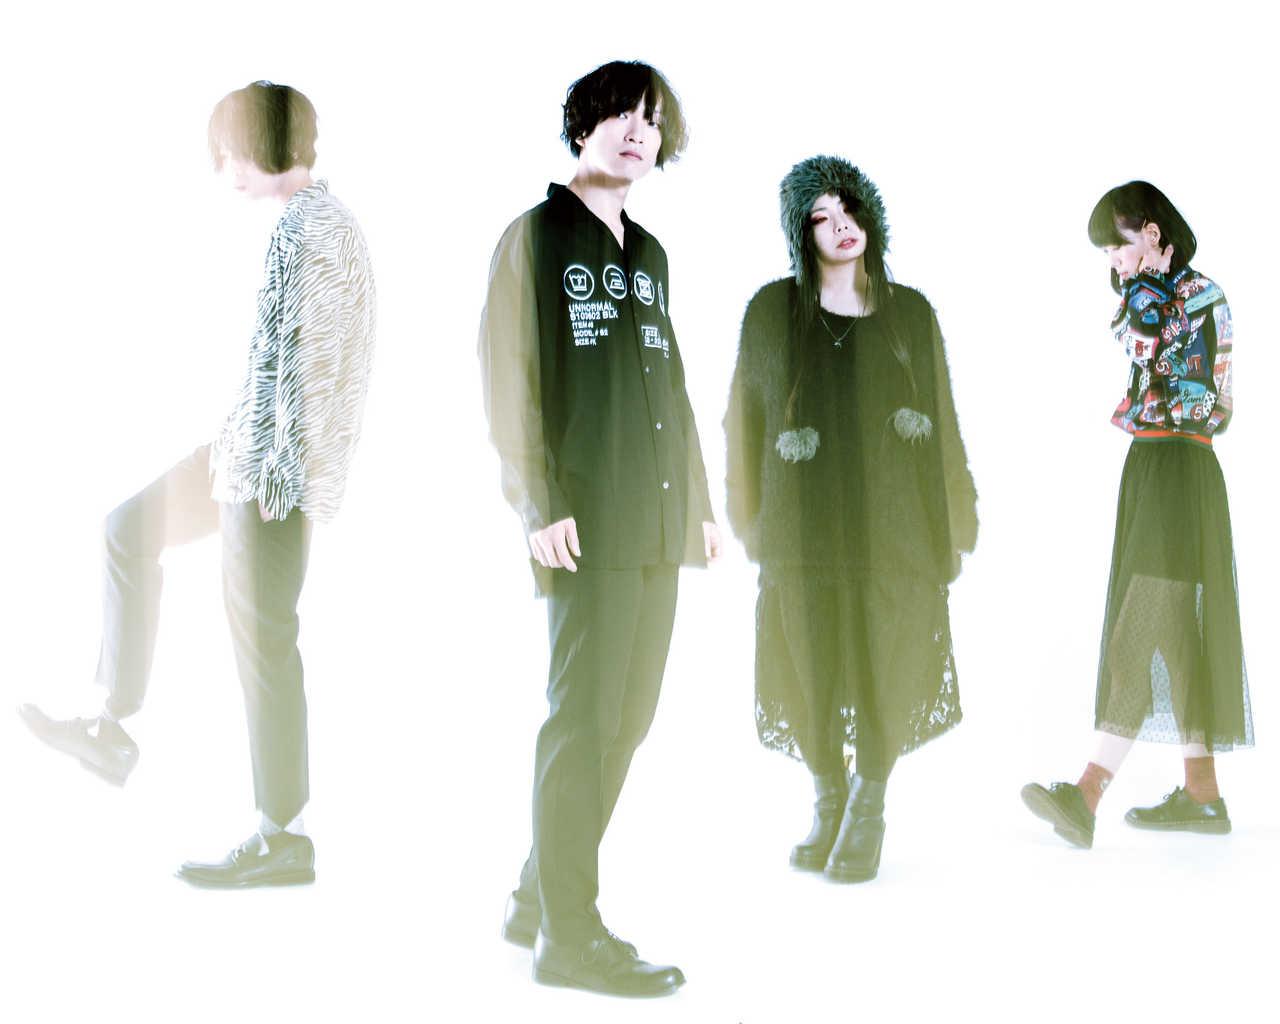 L→R テラオ(Gu&Cho)、三木正明(Gu&Vo)、おがた(Ba&Vo)、ゆかちん(Dr&Cho)